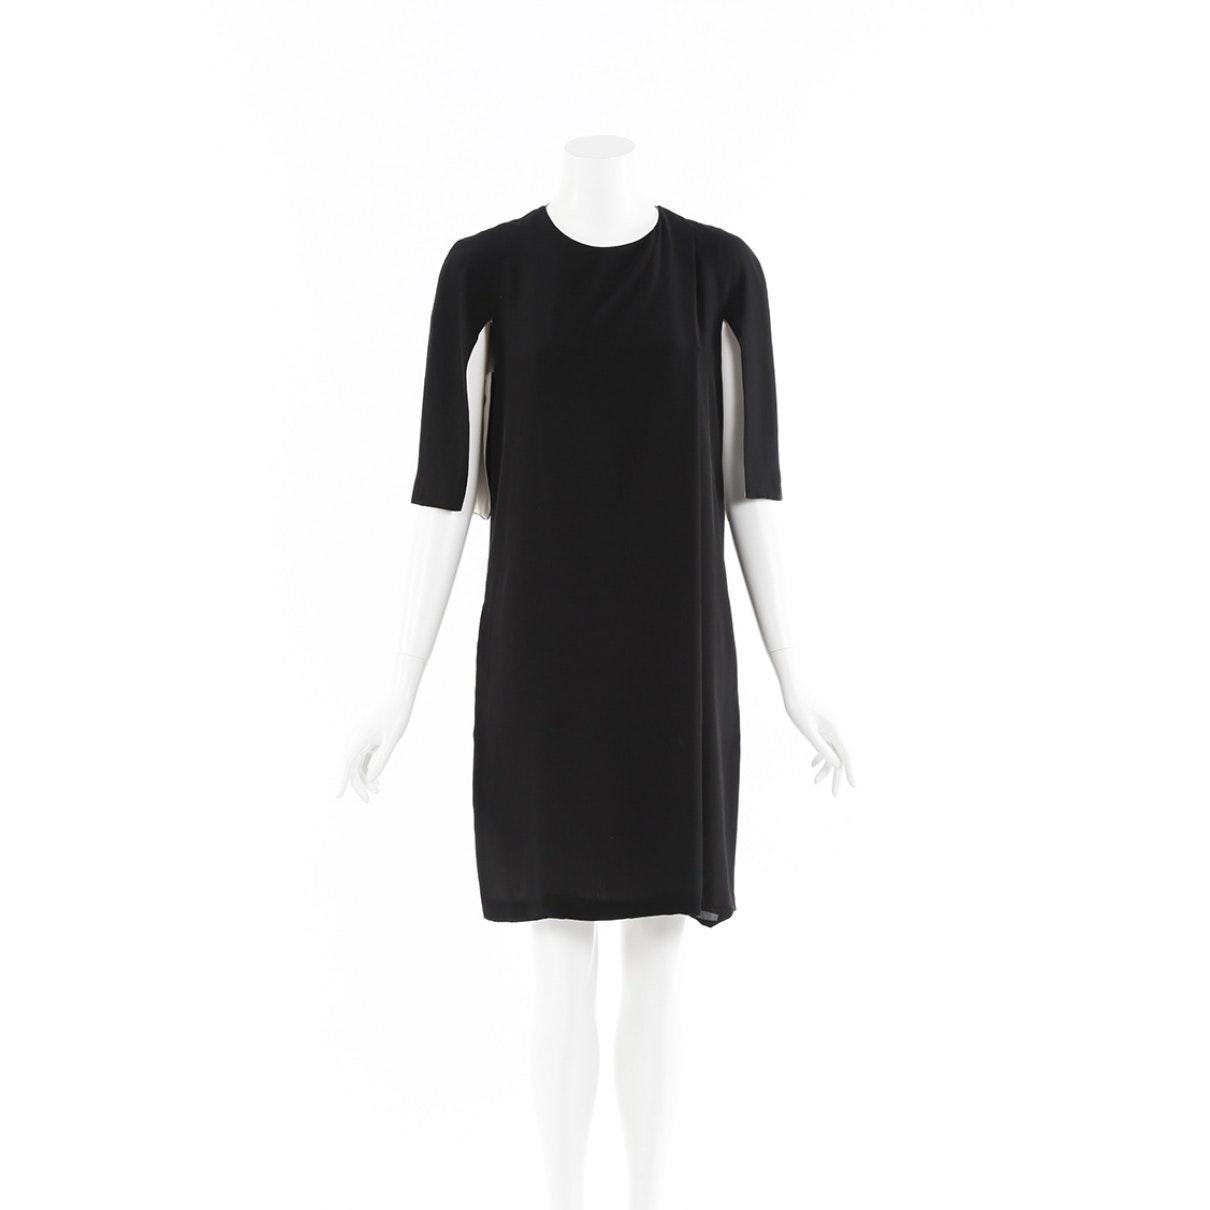 Vestido en sintético negro Celine de Tejido sintético de color Negro